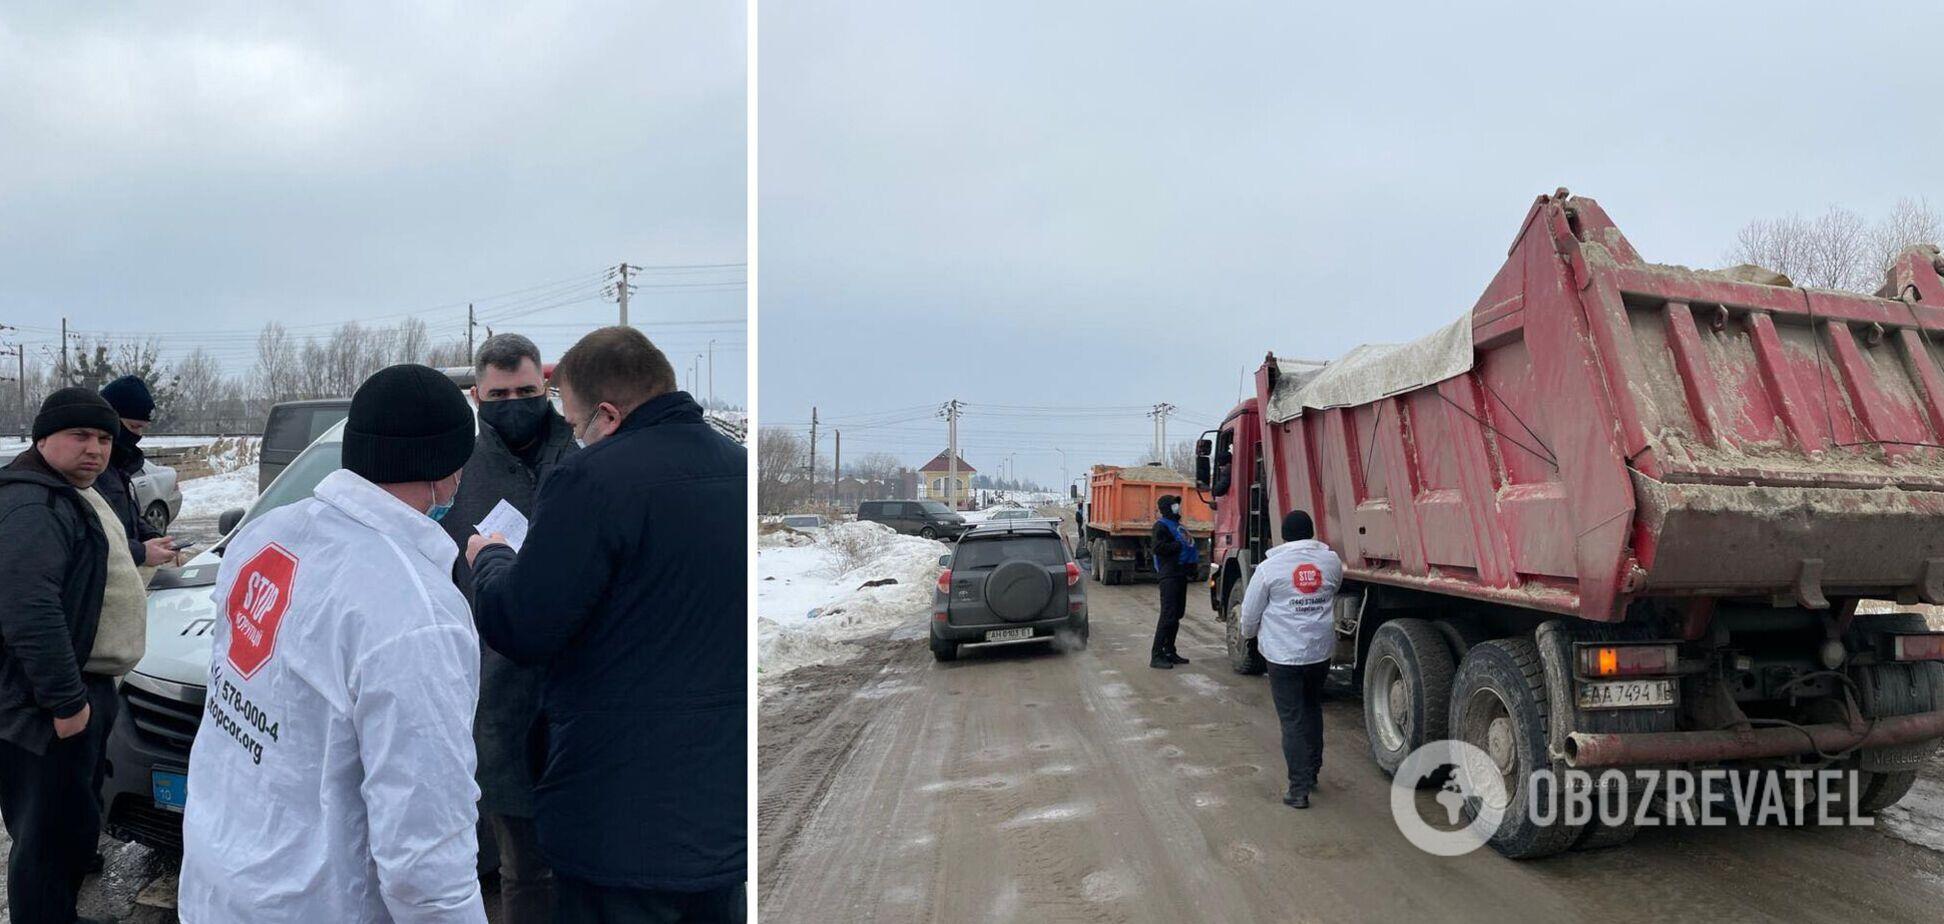 Под Киевом активисты зафиксировали попытку незаконной добычи песка. Фото